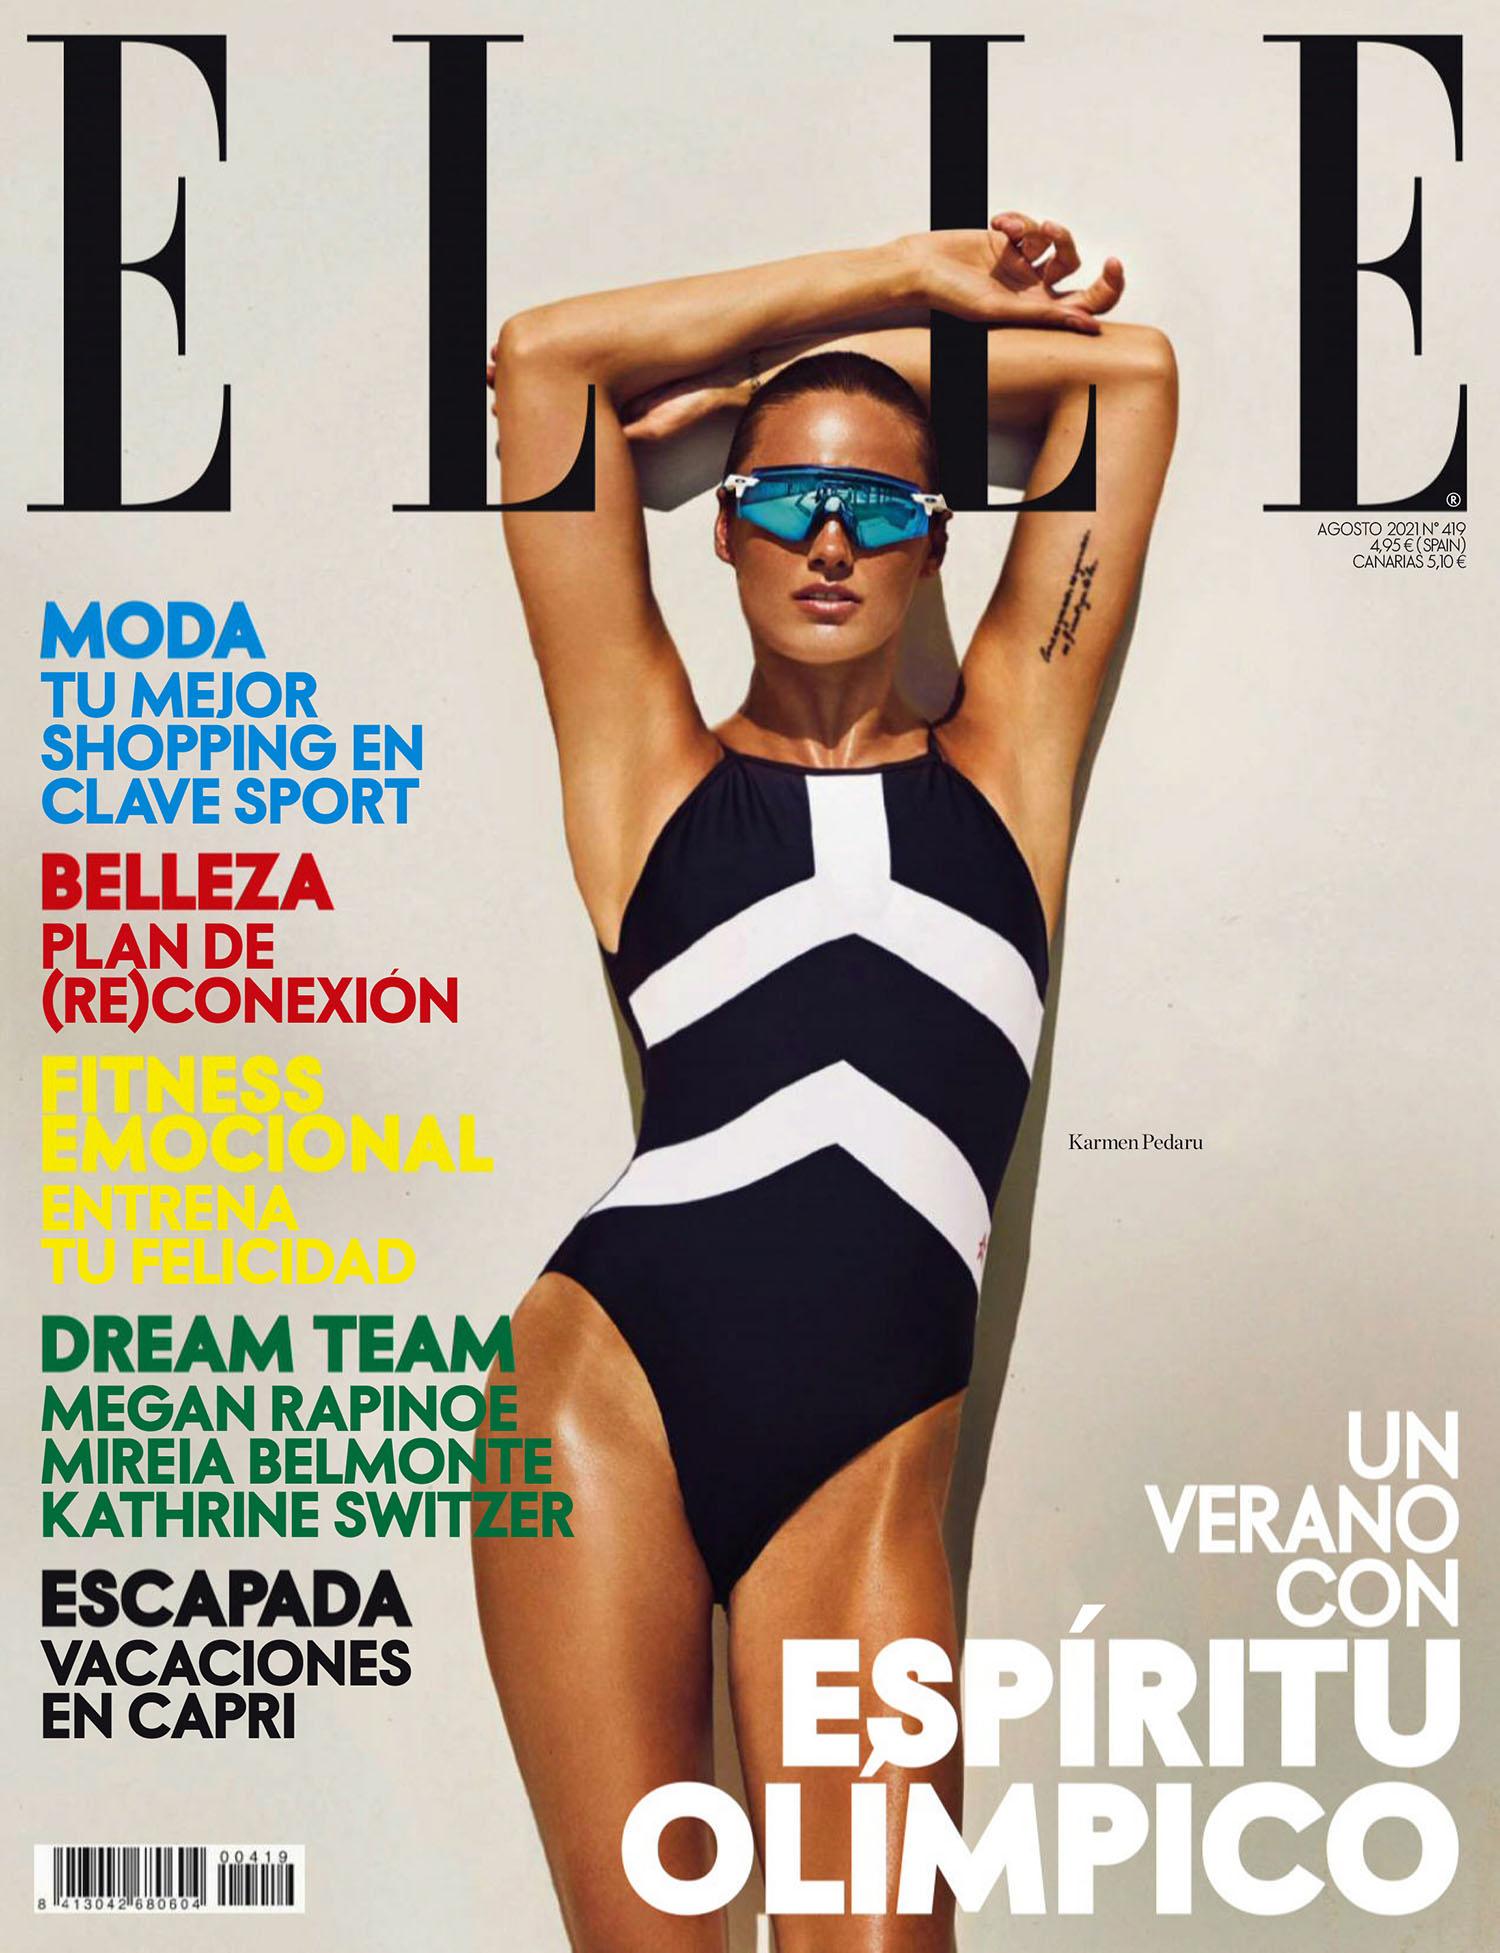 Karmen Pedaru covers Elle Spain August 2021 by Mario Sierra